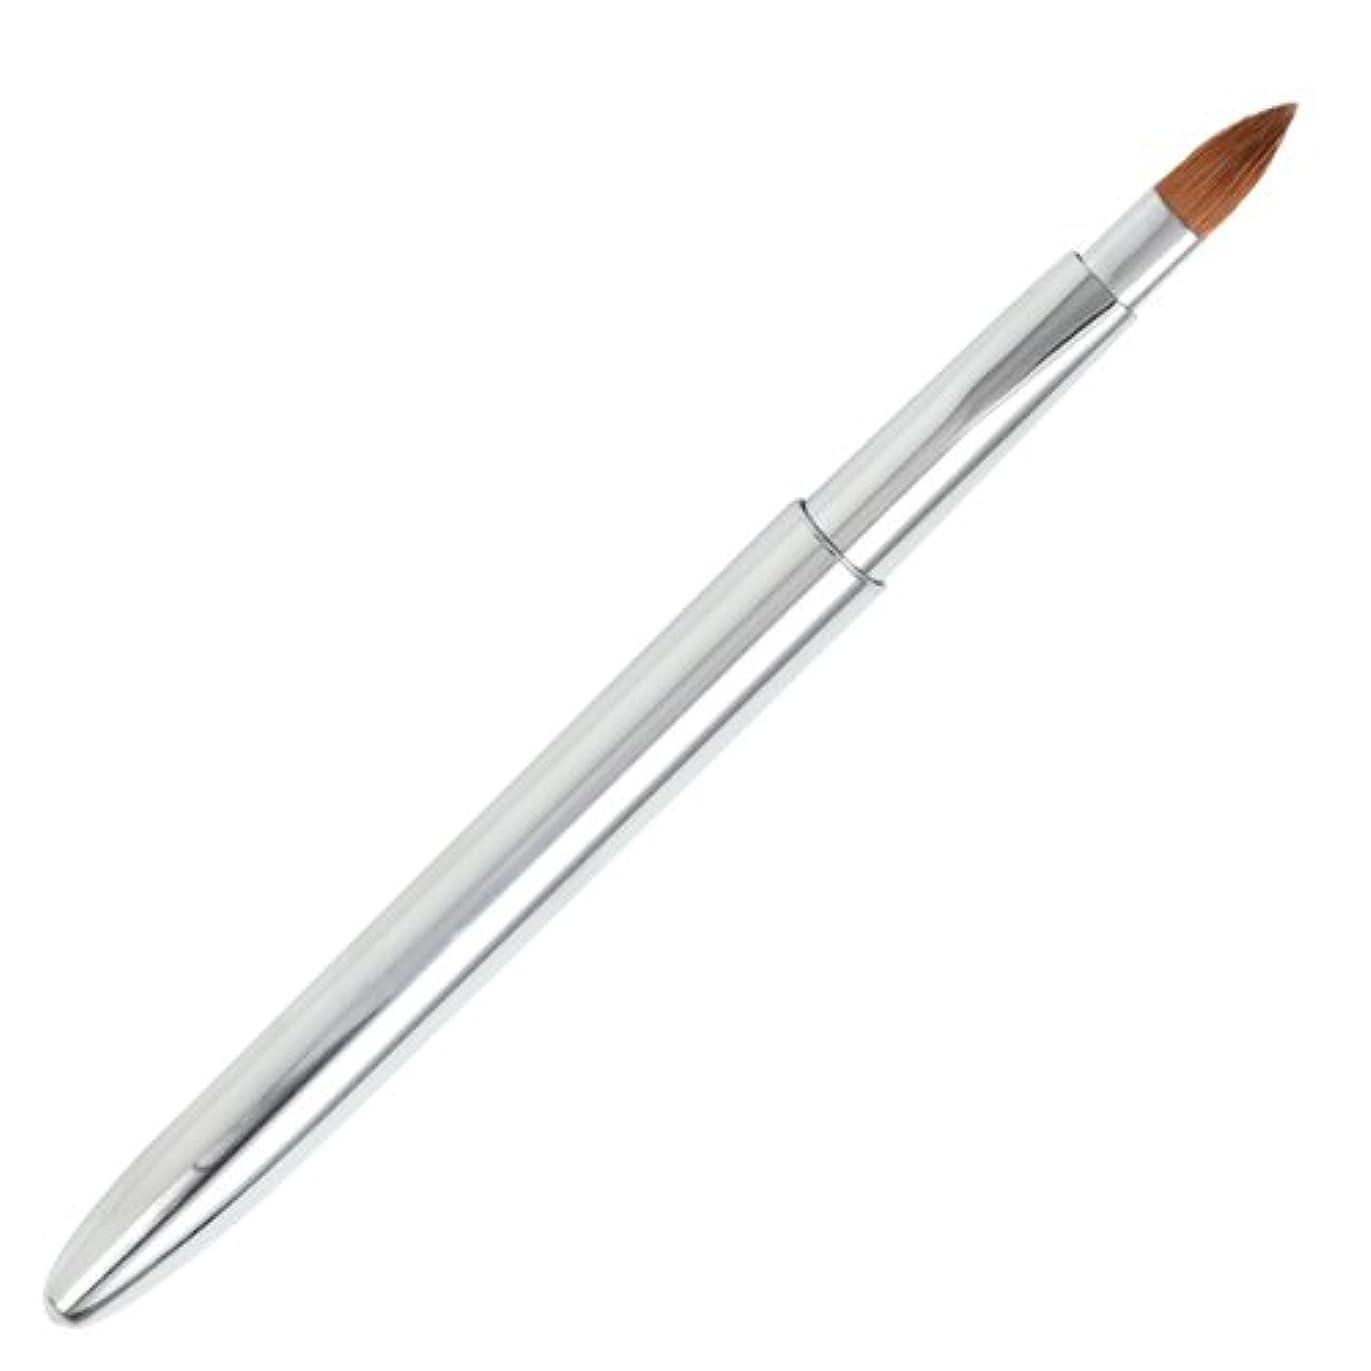 グラディス腹厚い広島熊野筆 オートリップブラシ 毛質 イタチ L-2